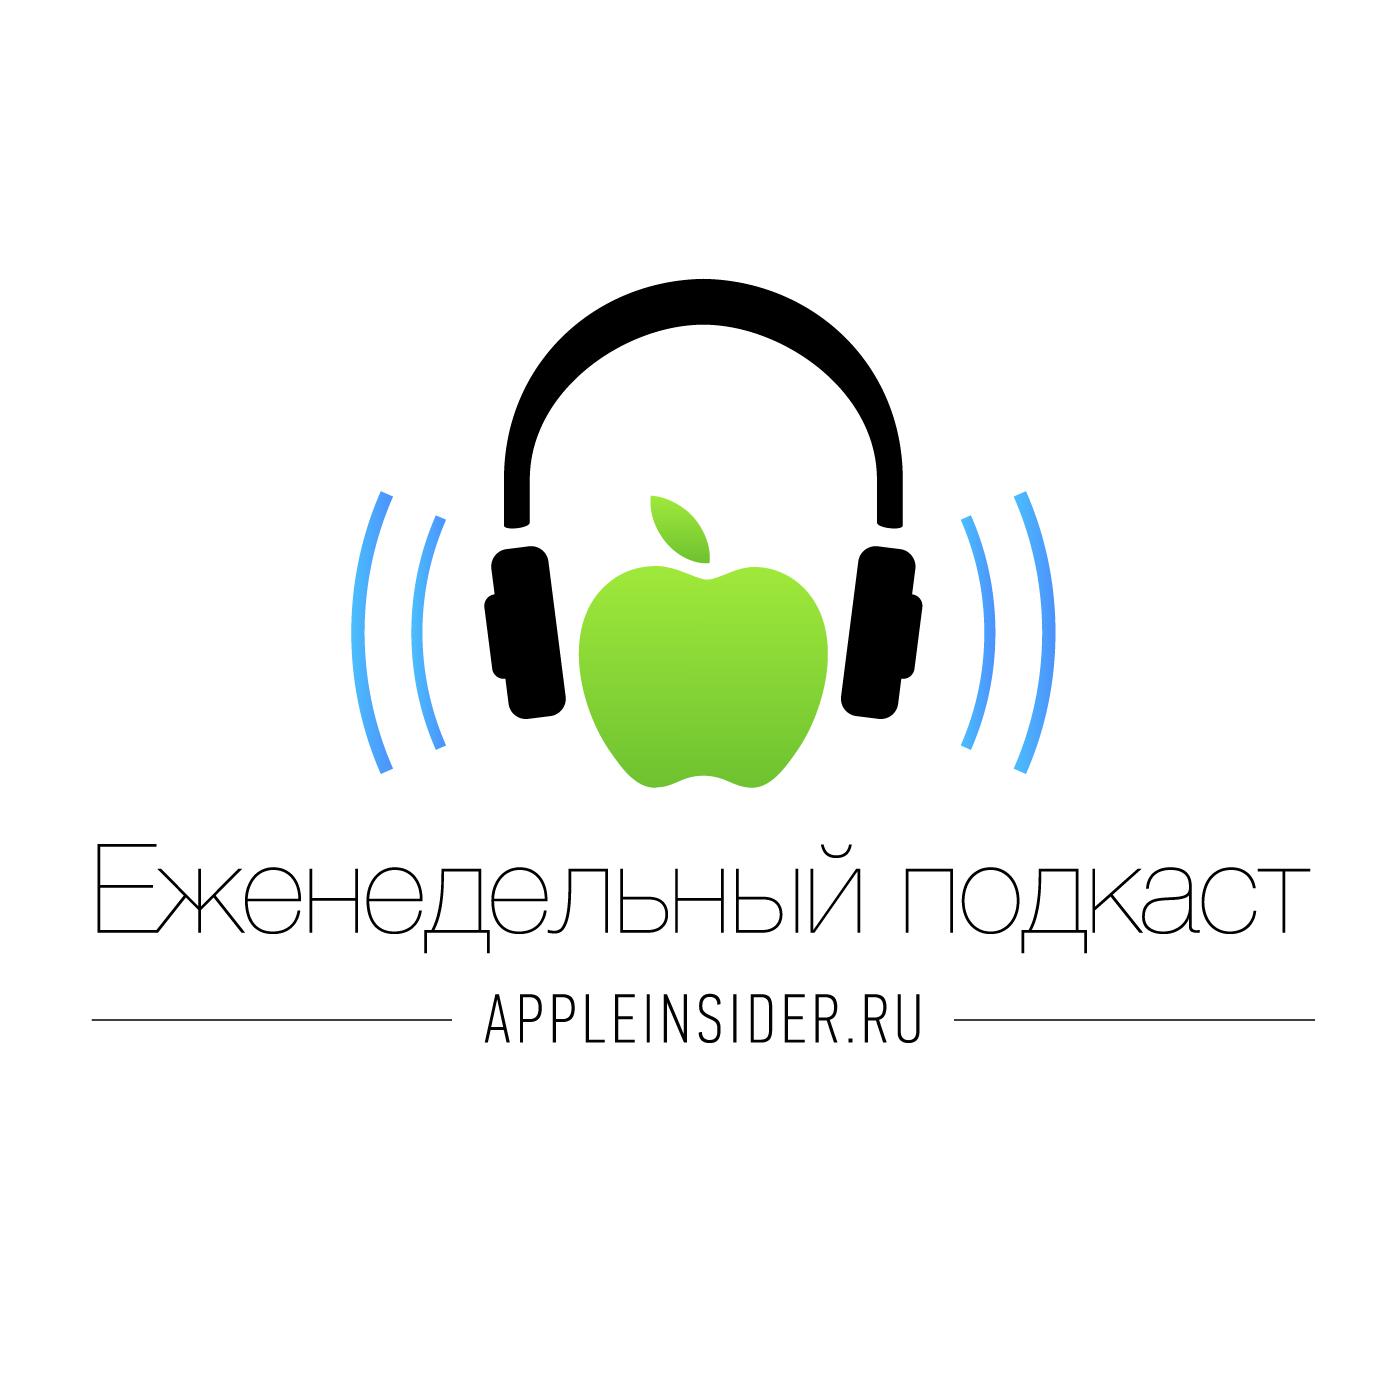 Миша Королев Нам 6 лет! миша королев чему равна наценка на iphone в российской рознице